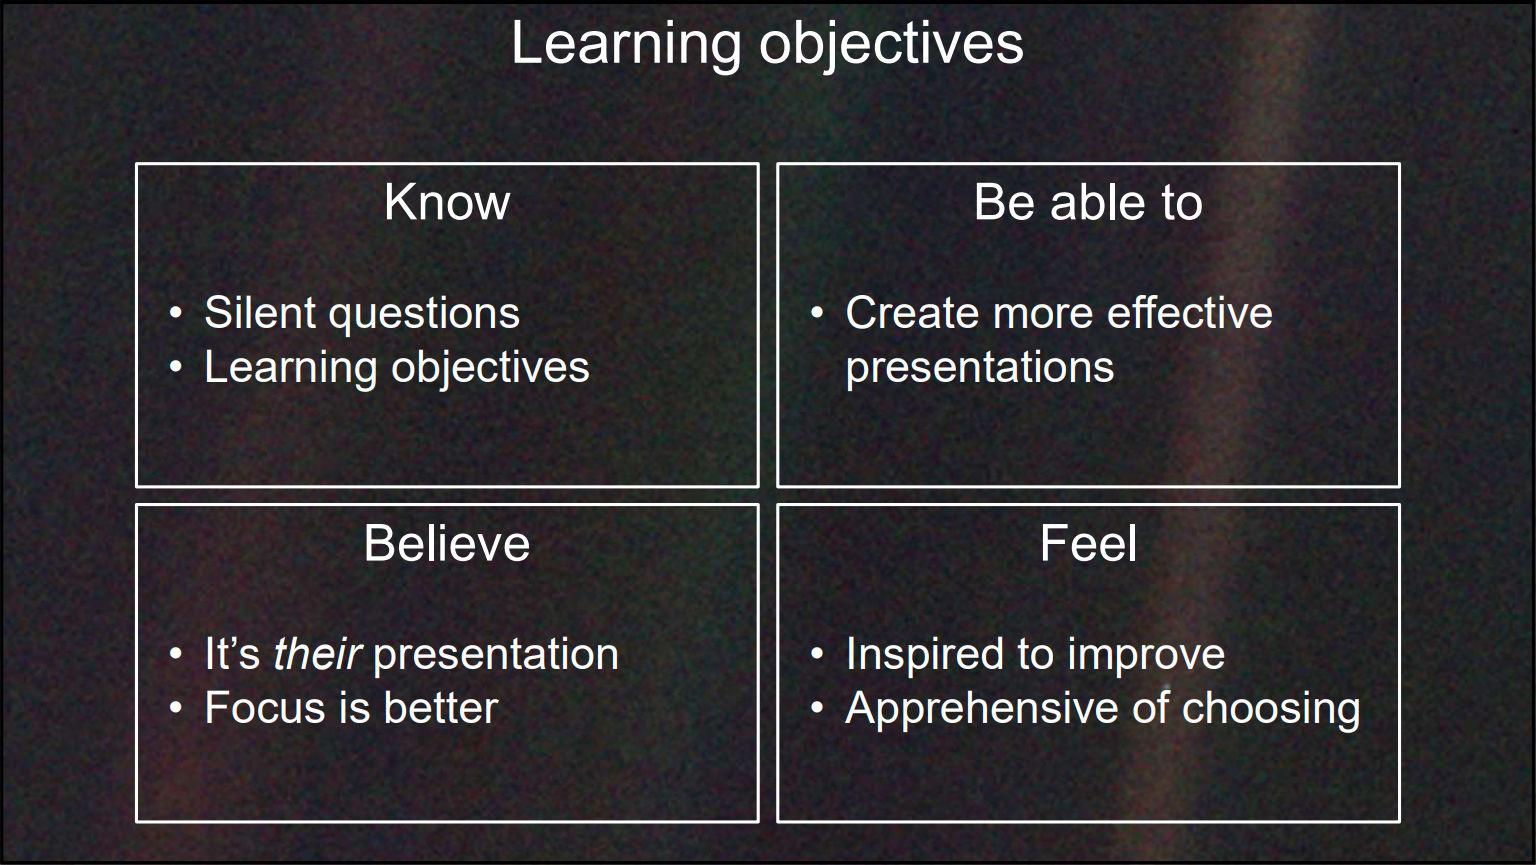 assets/images/devopsdays2021_learning_objectives.jpg